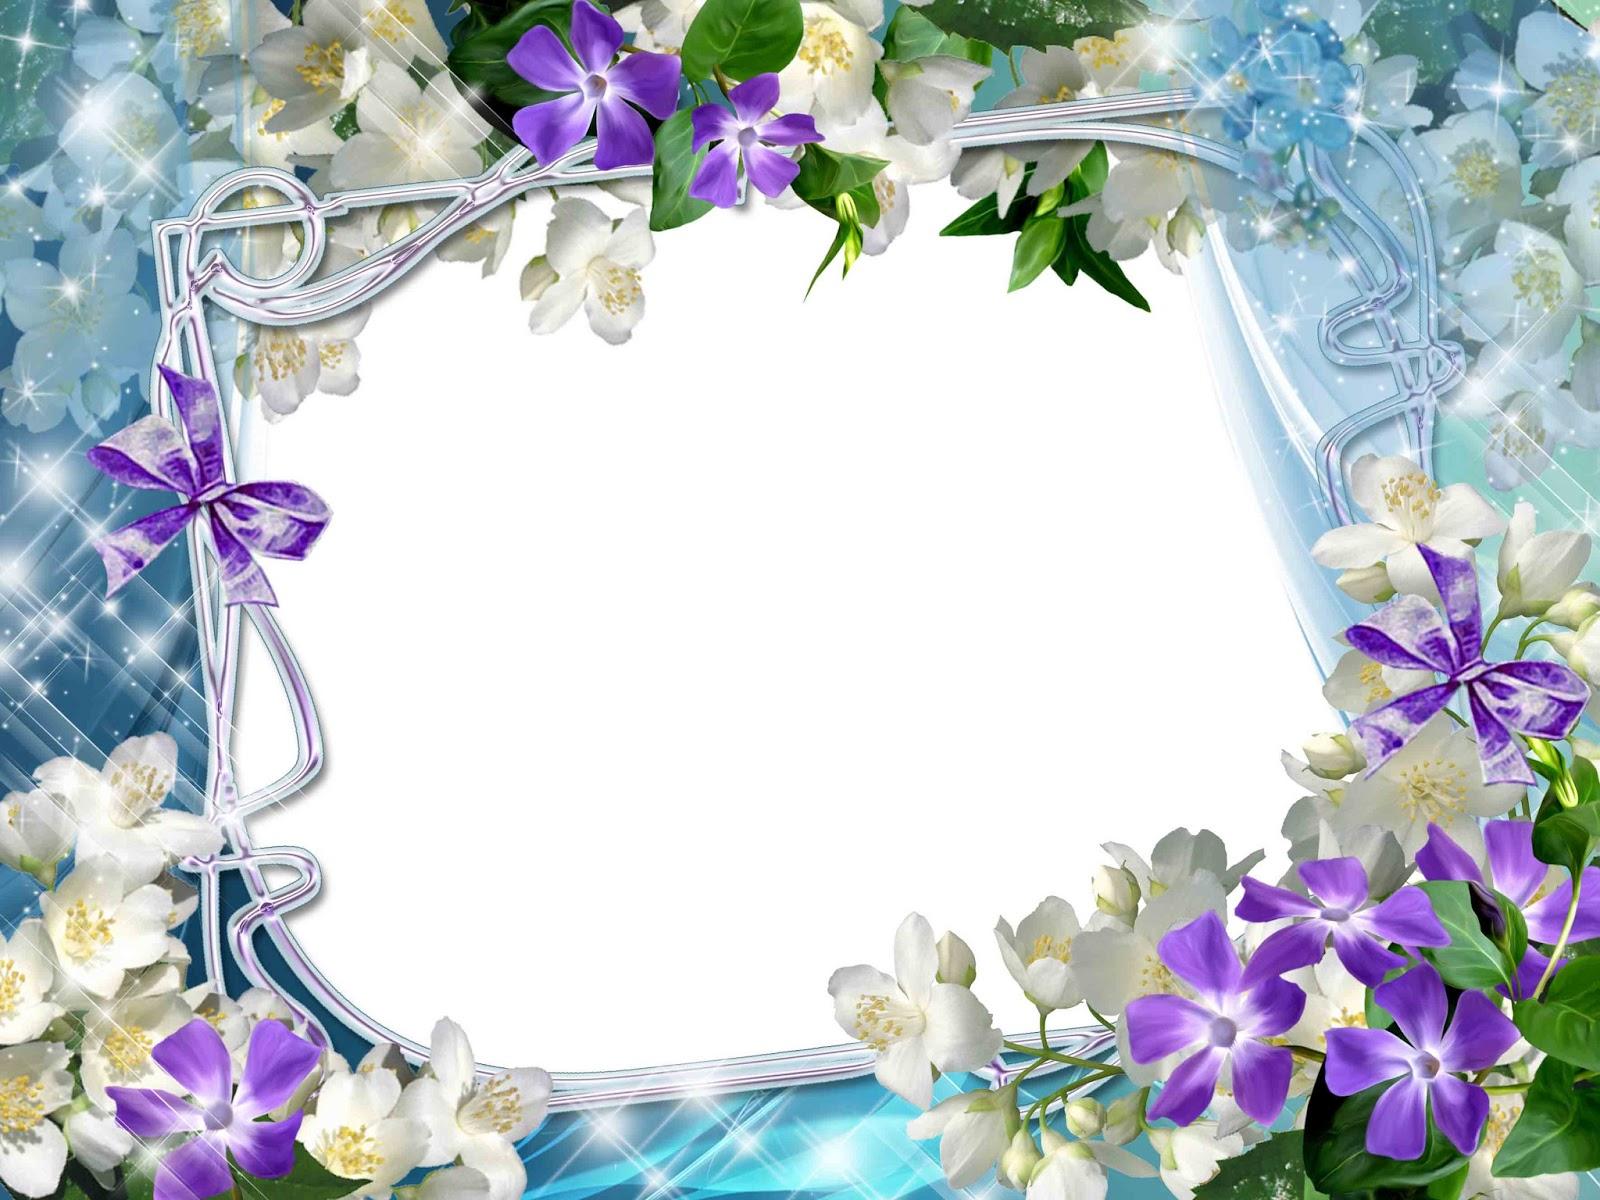 Flower Frames Free Download